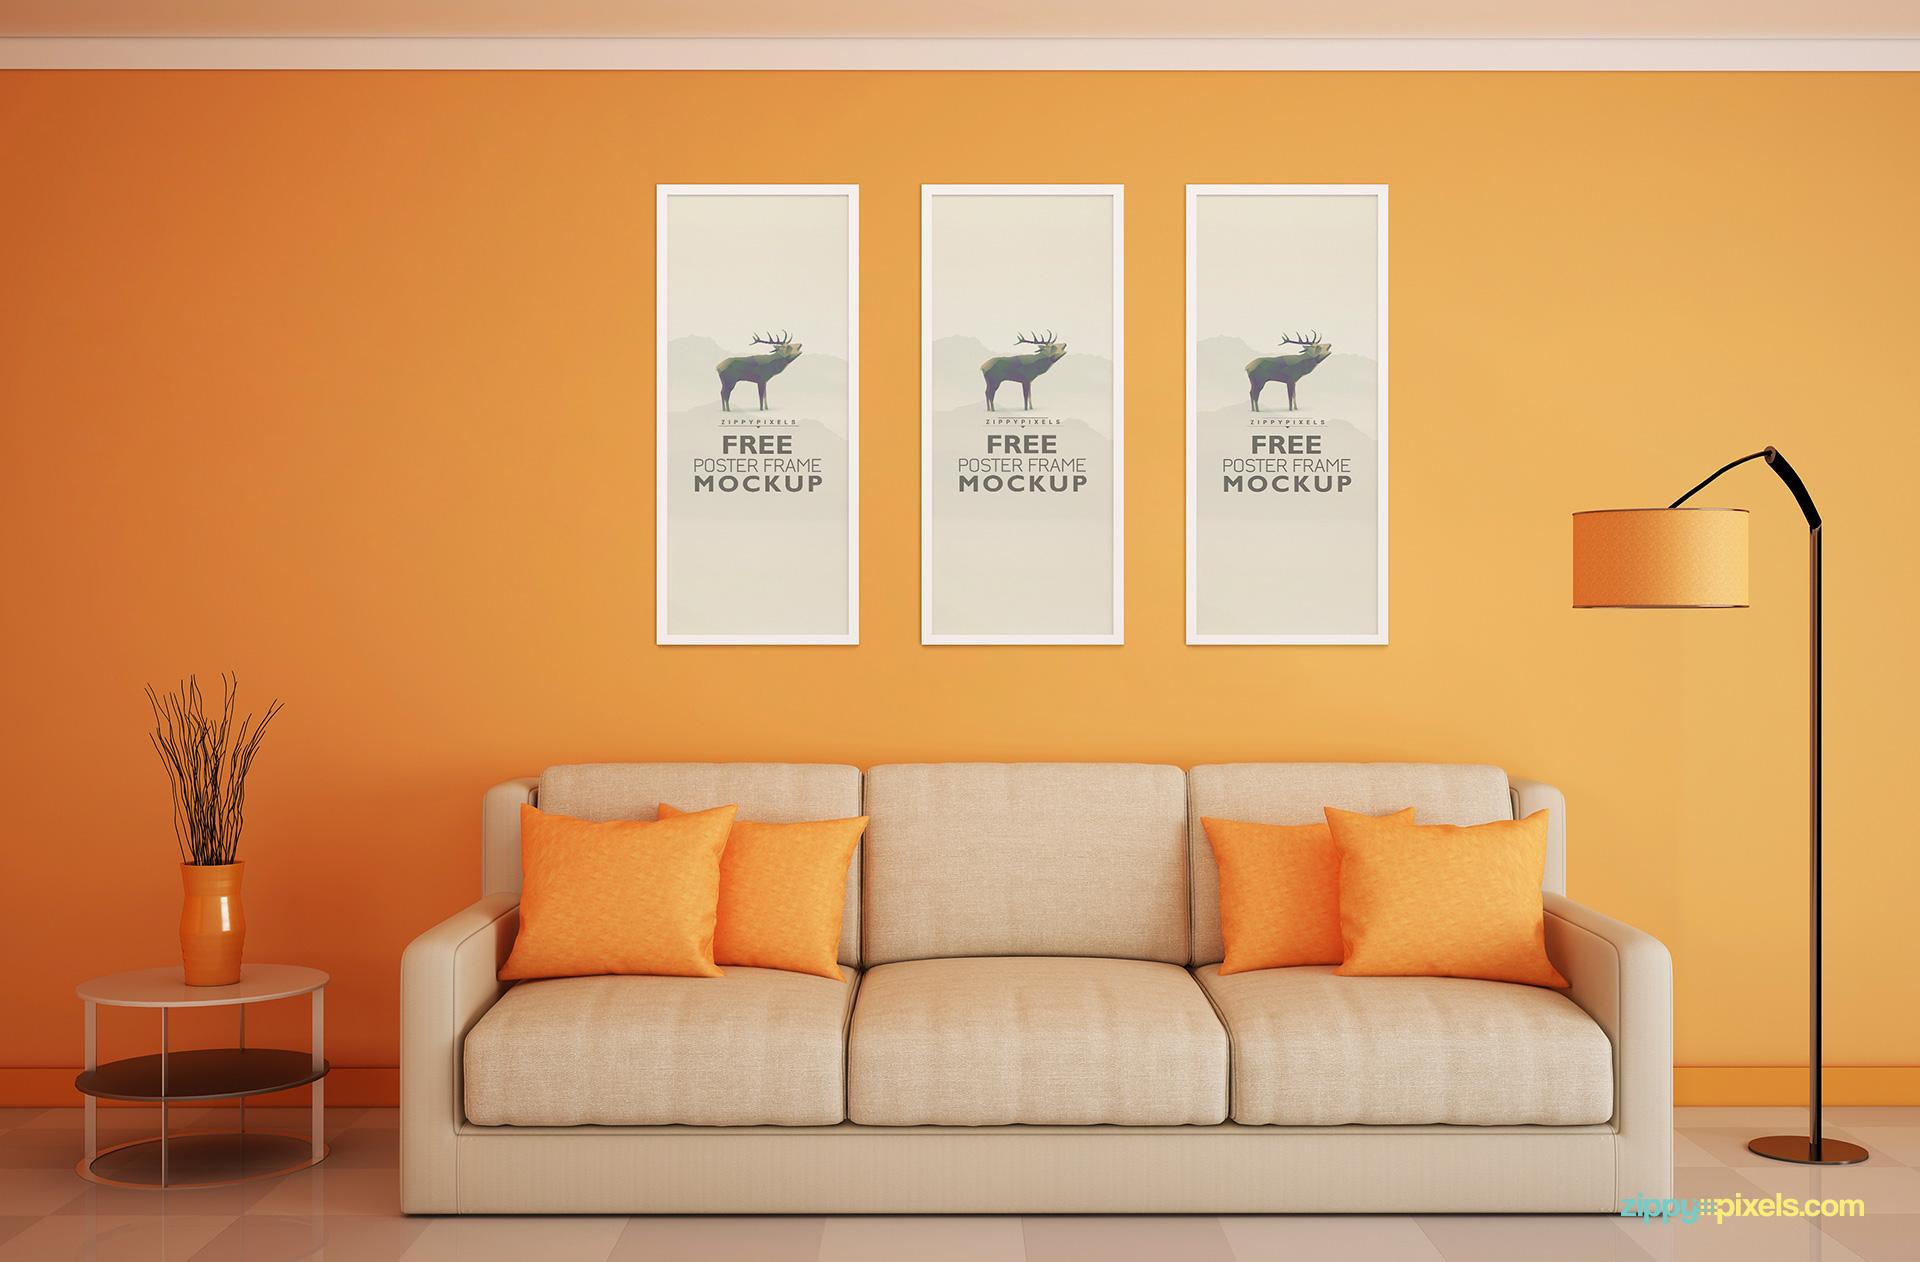 free-poster-frame-mockups-verticle